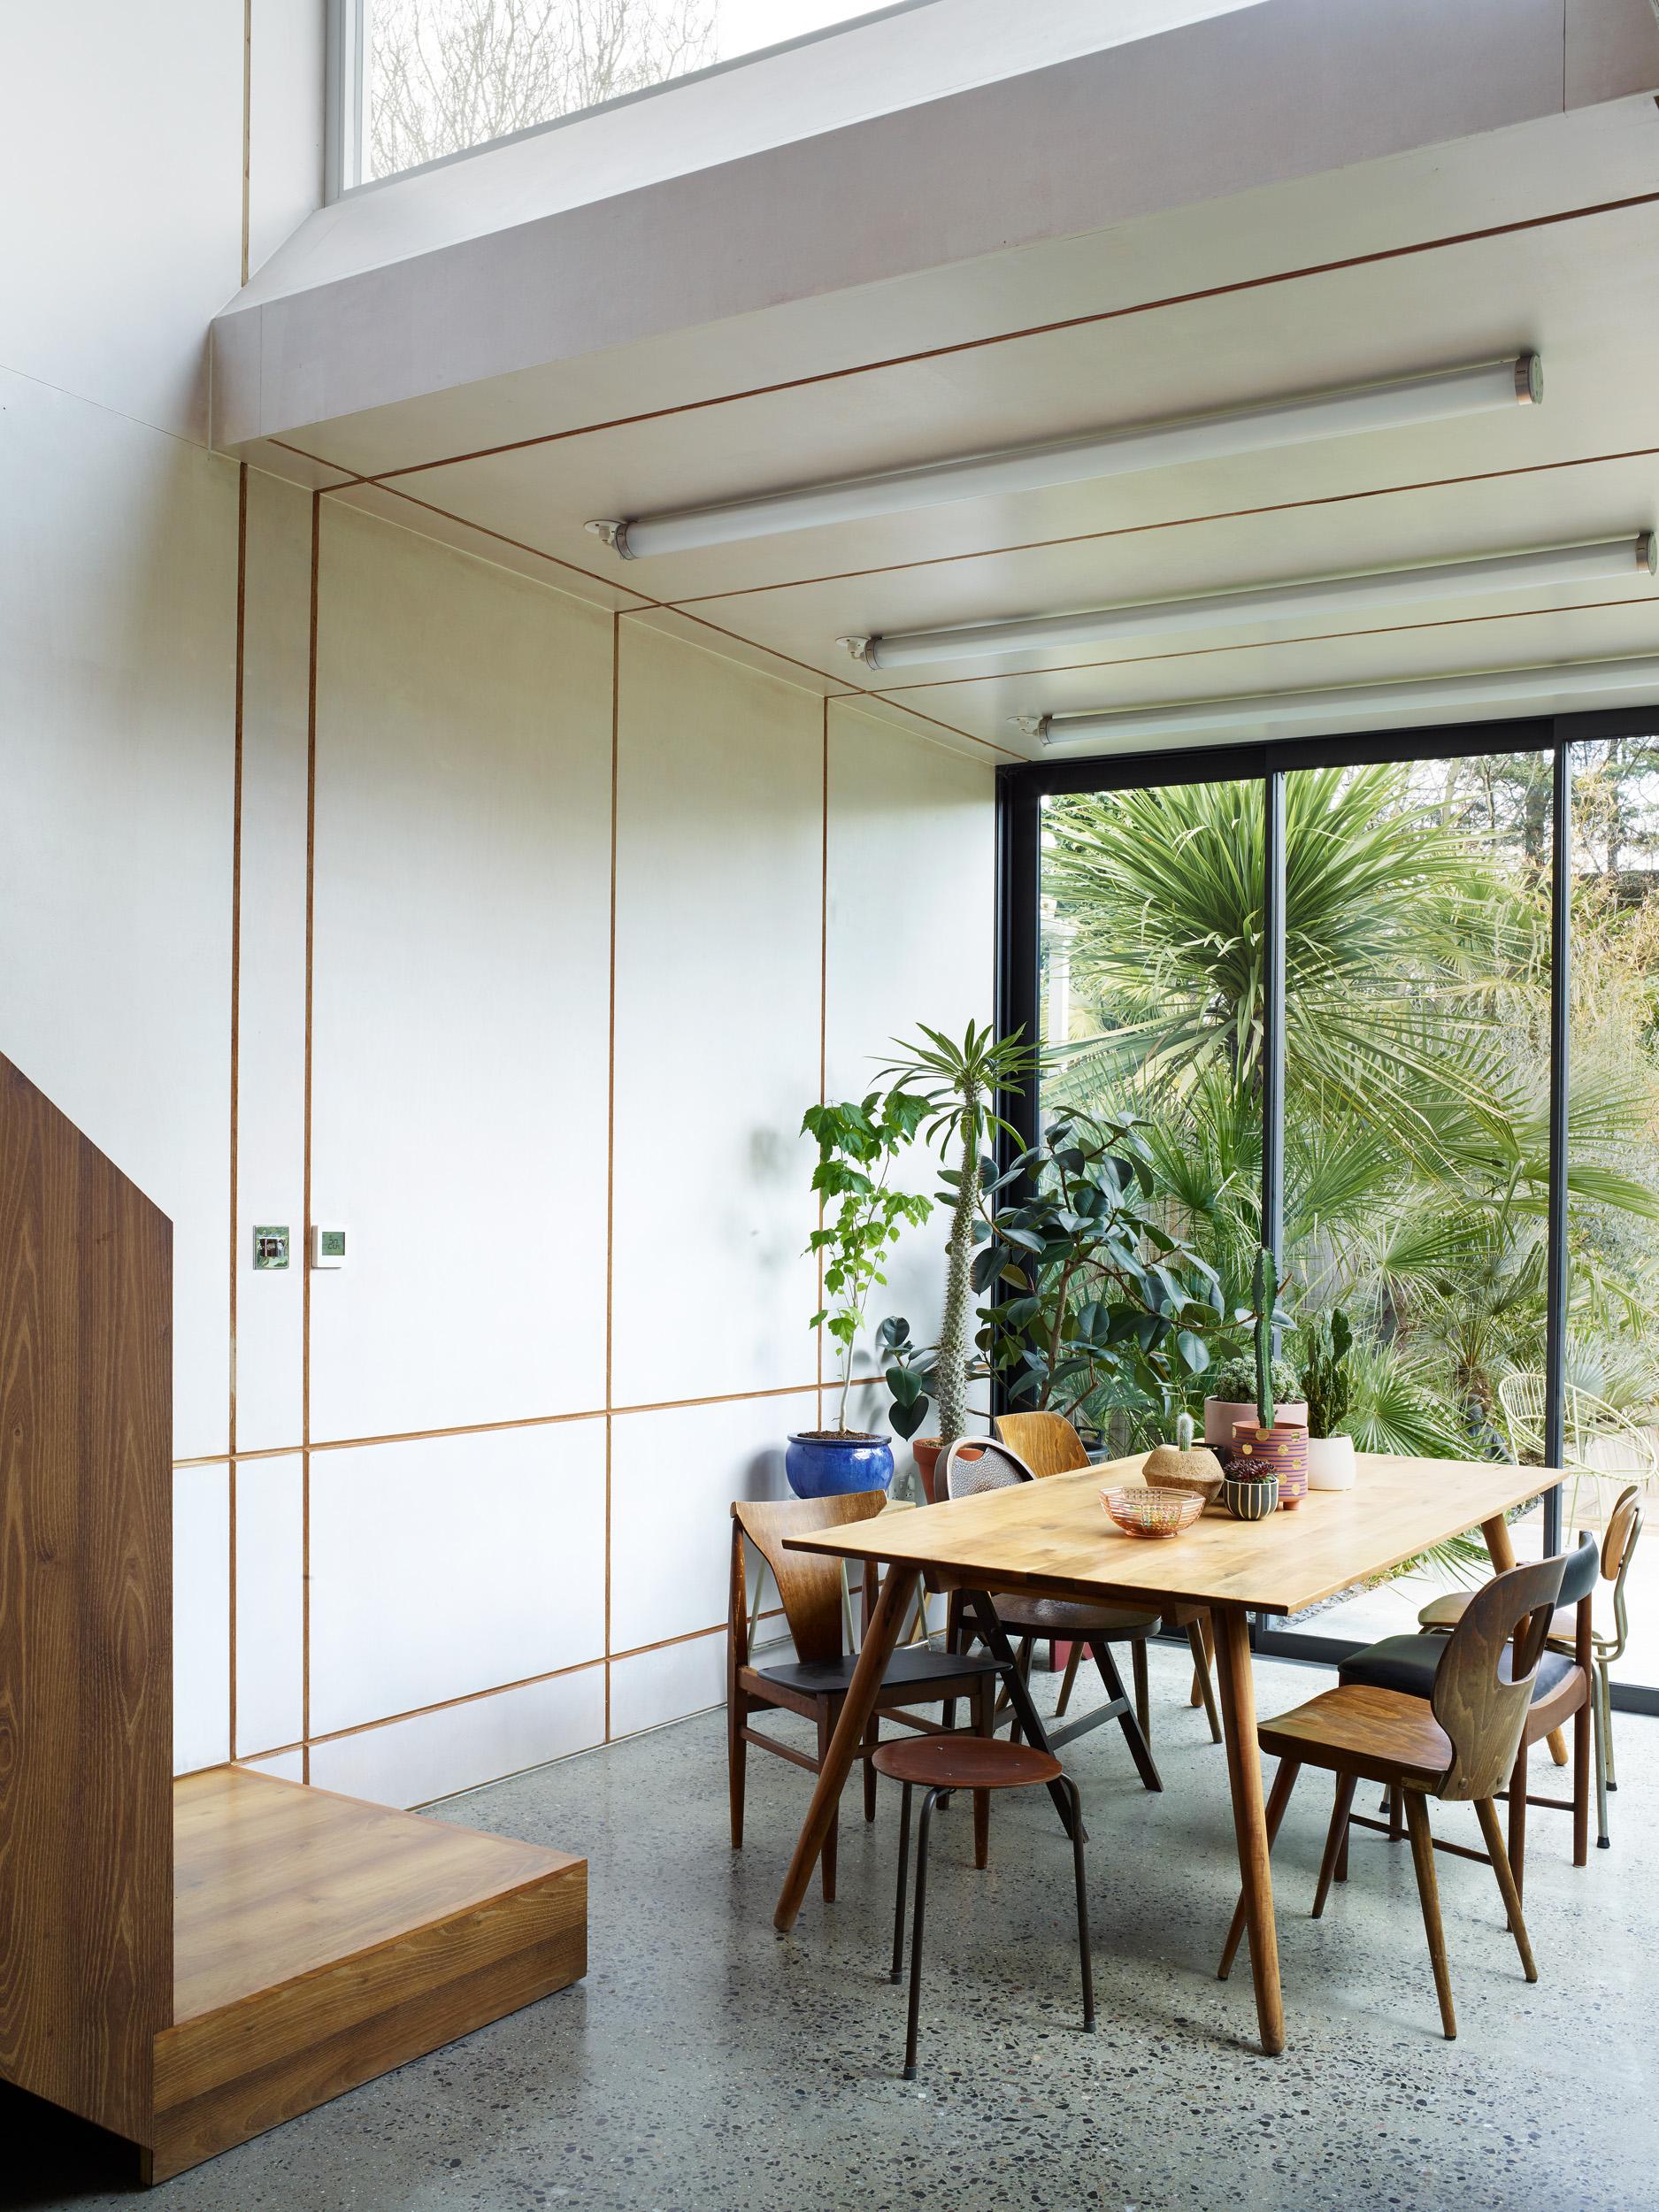 rachael-smith-interiors-14122019-018